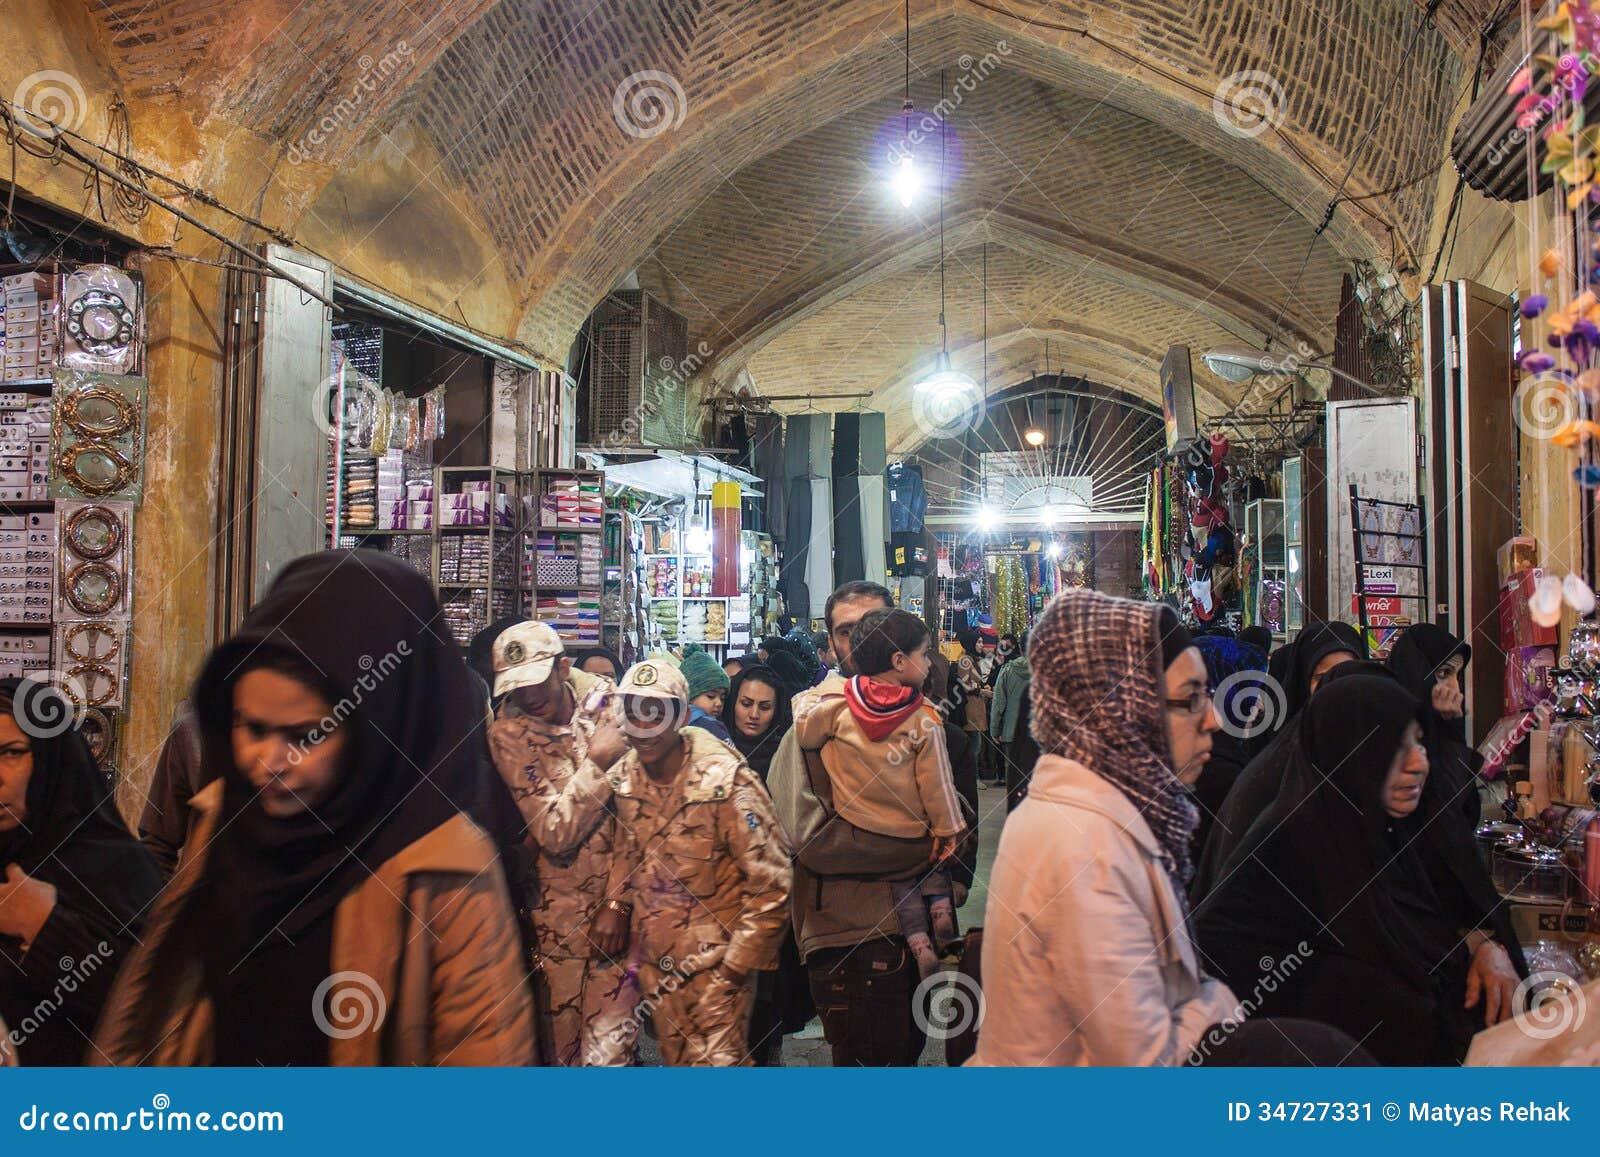 Uncornered Market Travel Photography Photo Keywords: Iranian ...